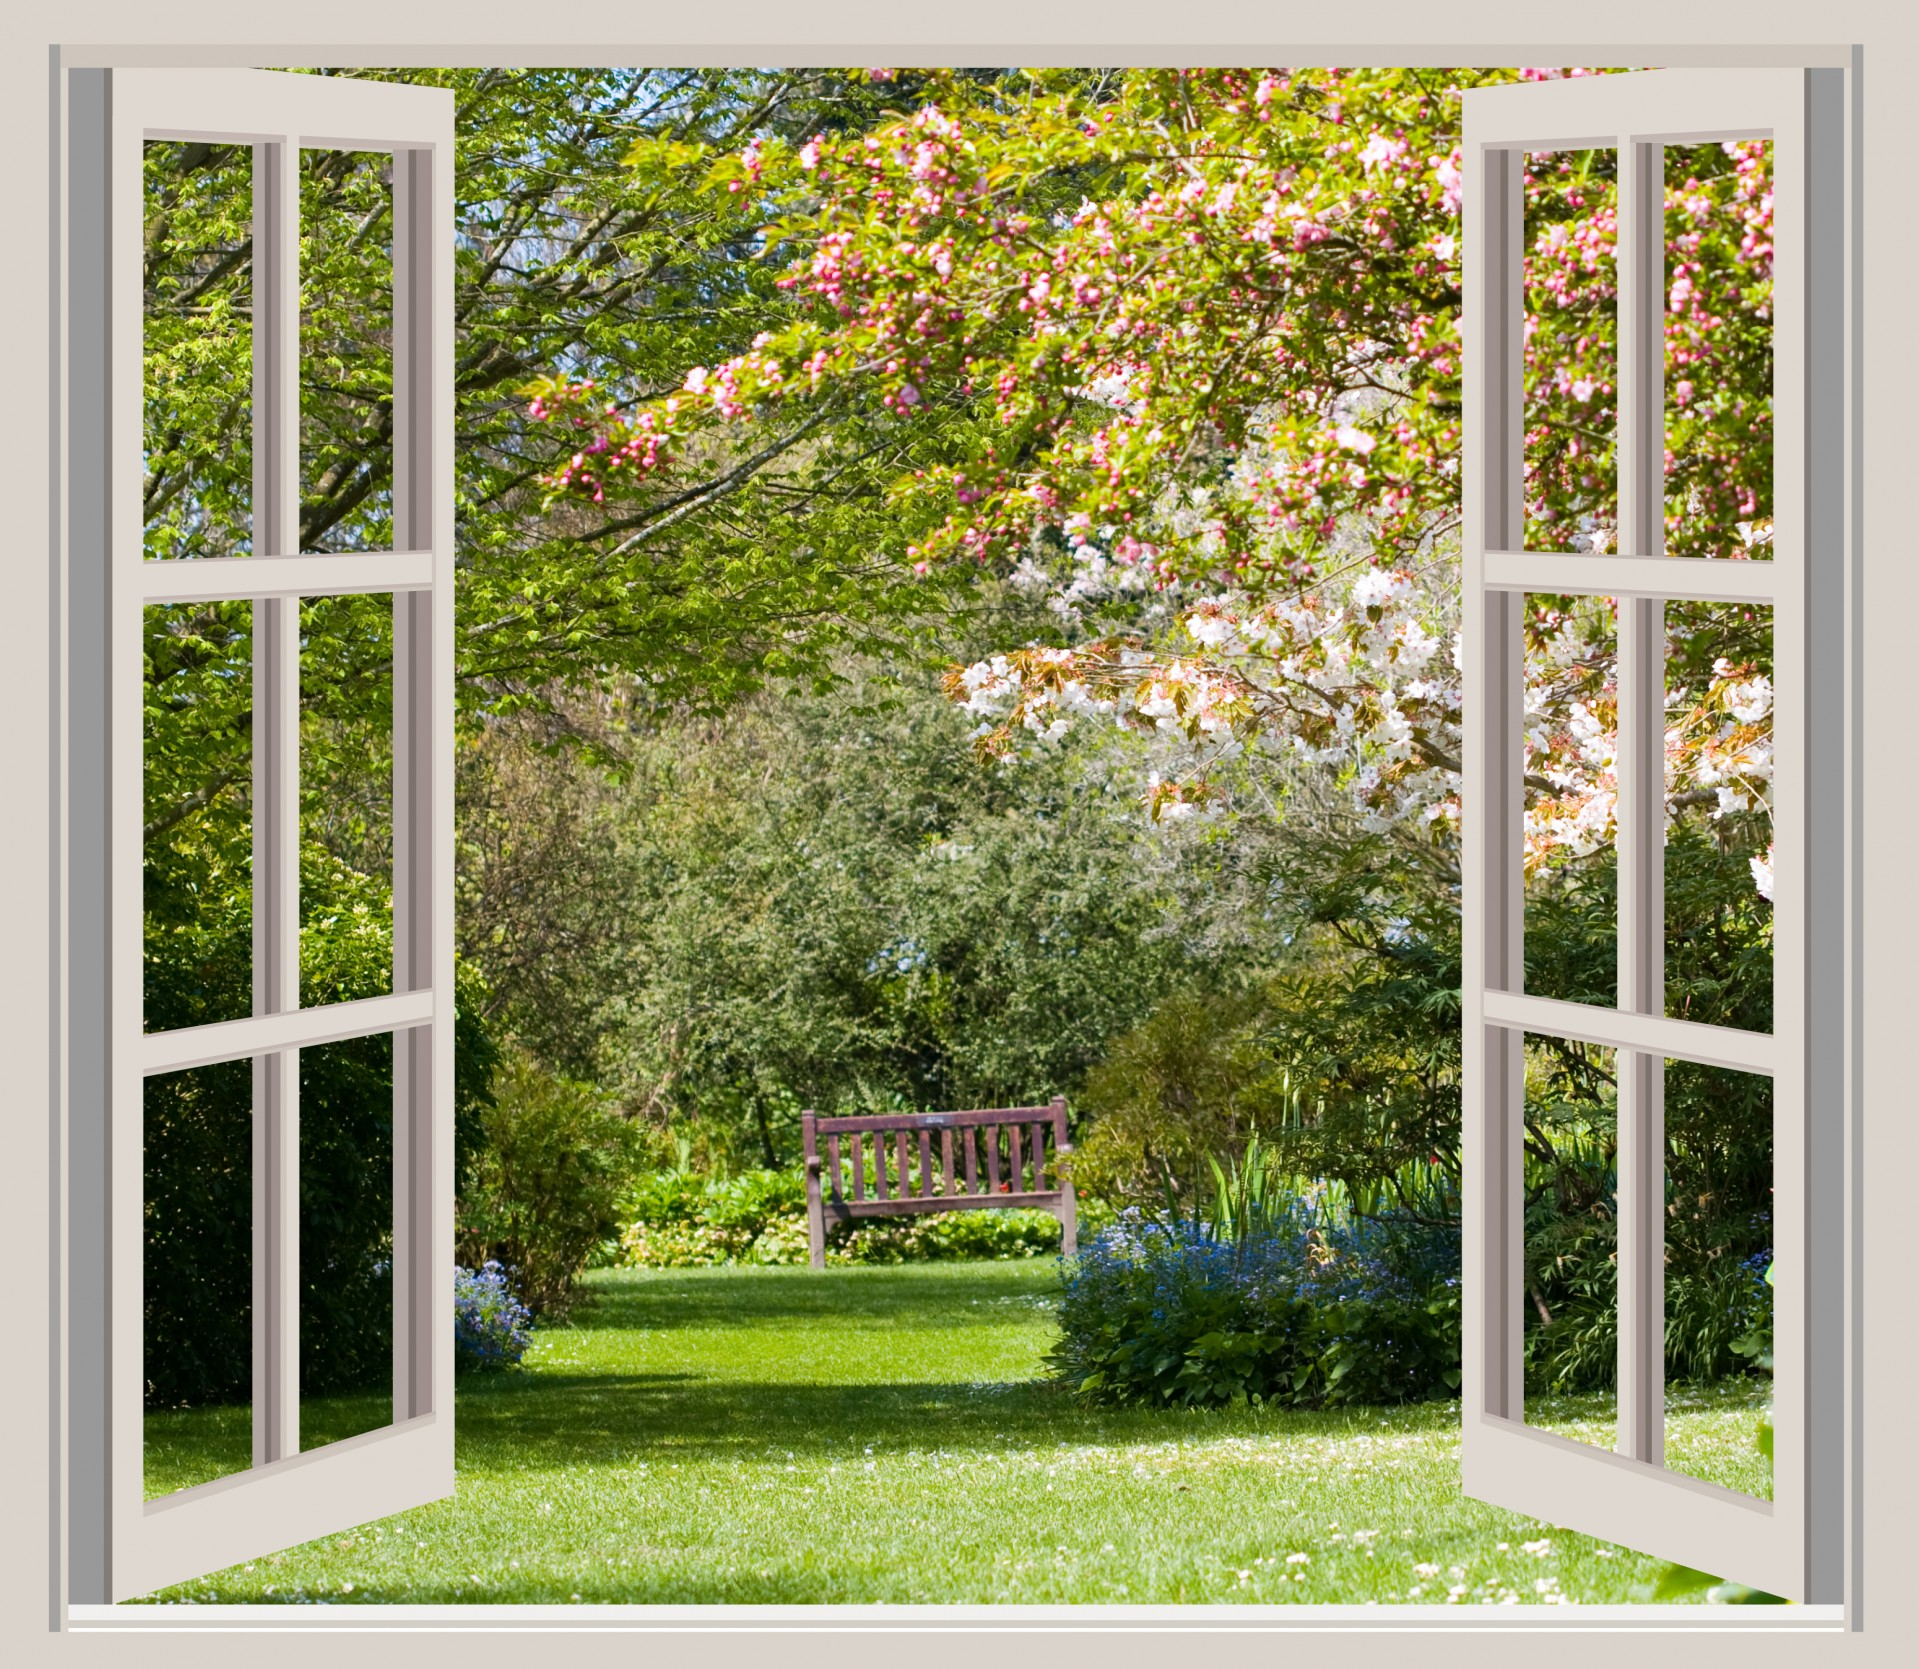 öka värdet bostad trädgård